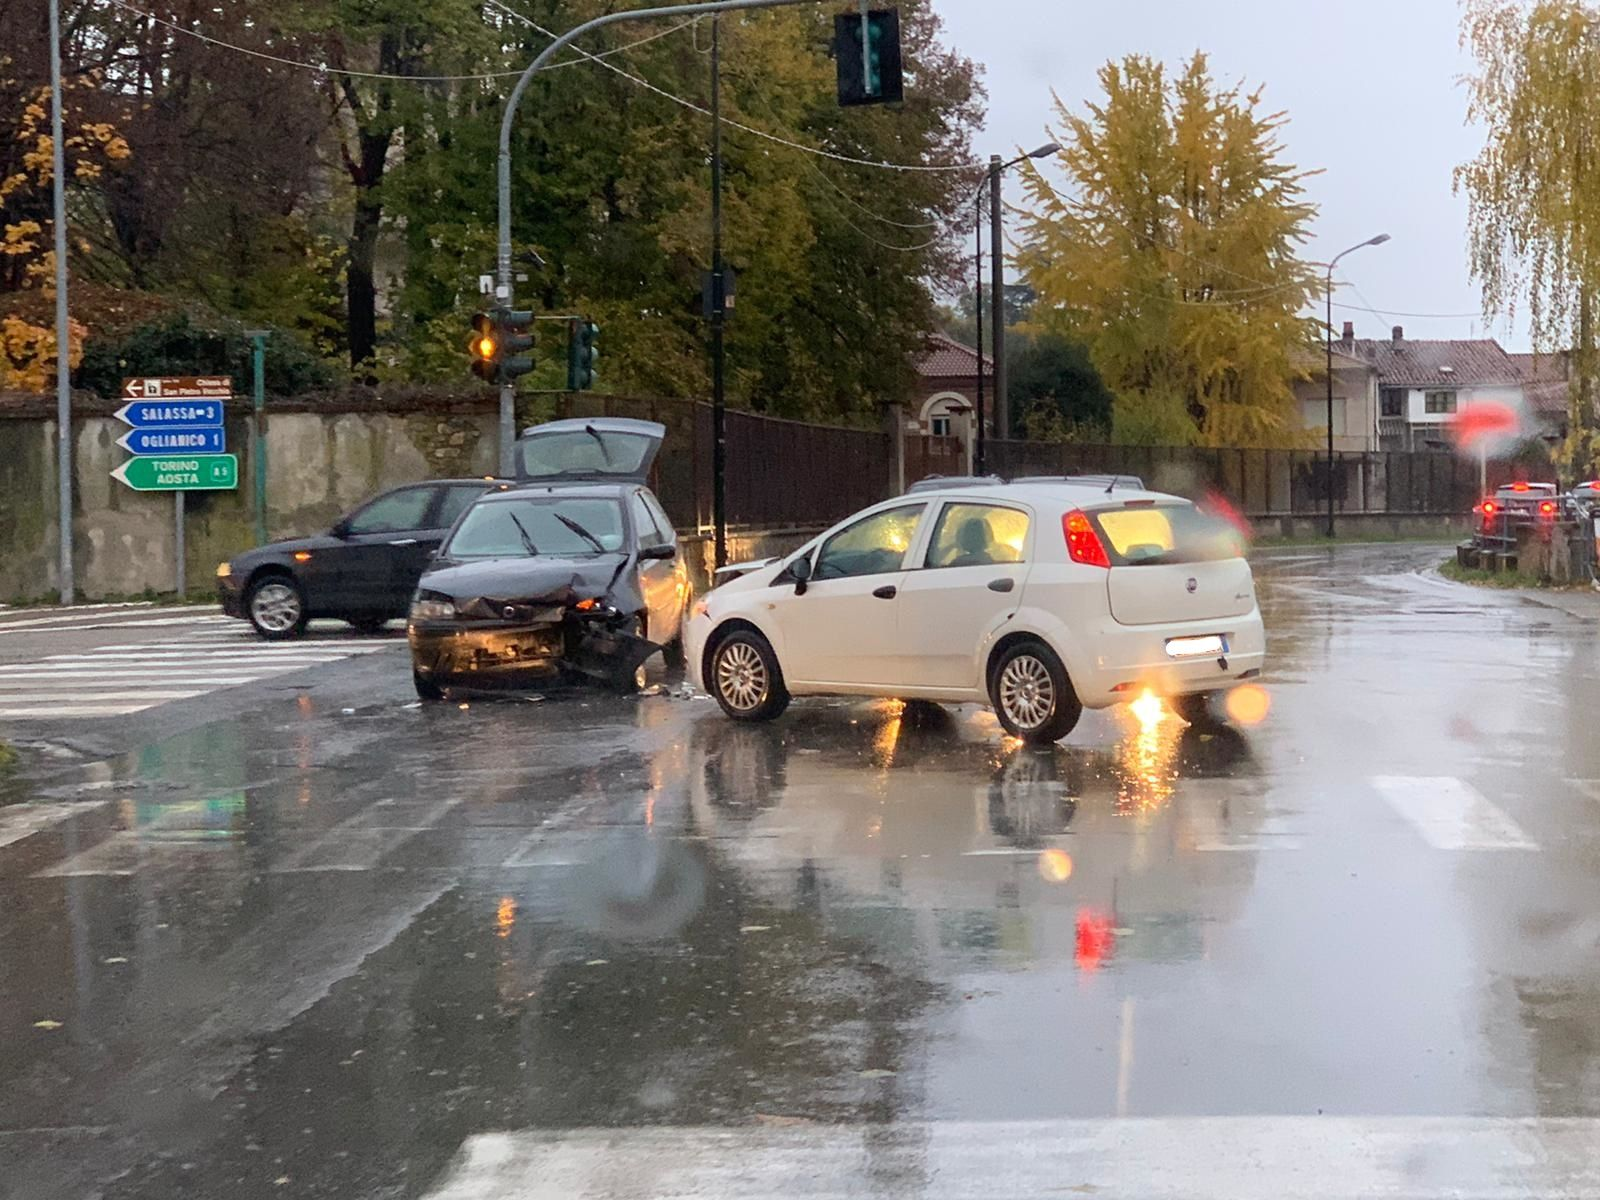 FAVRIA - Un altro incidente stradale al «solito» semaforo - FOTO